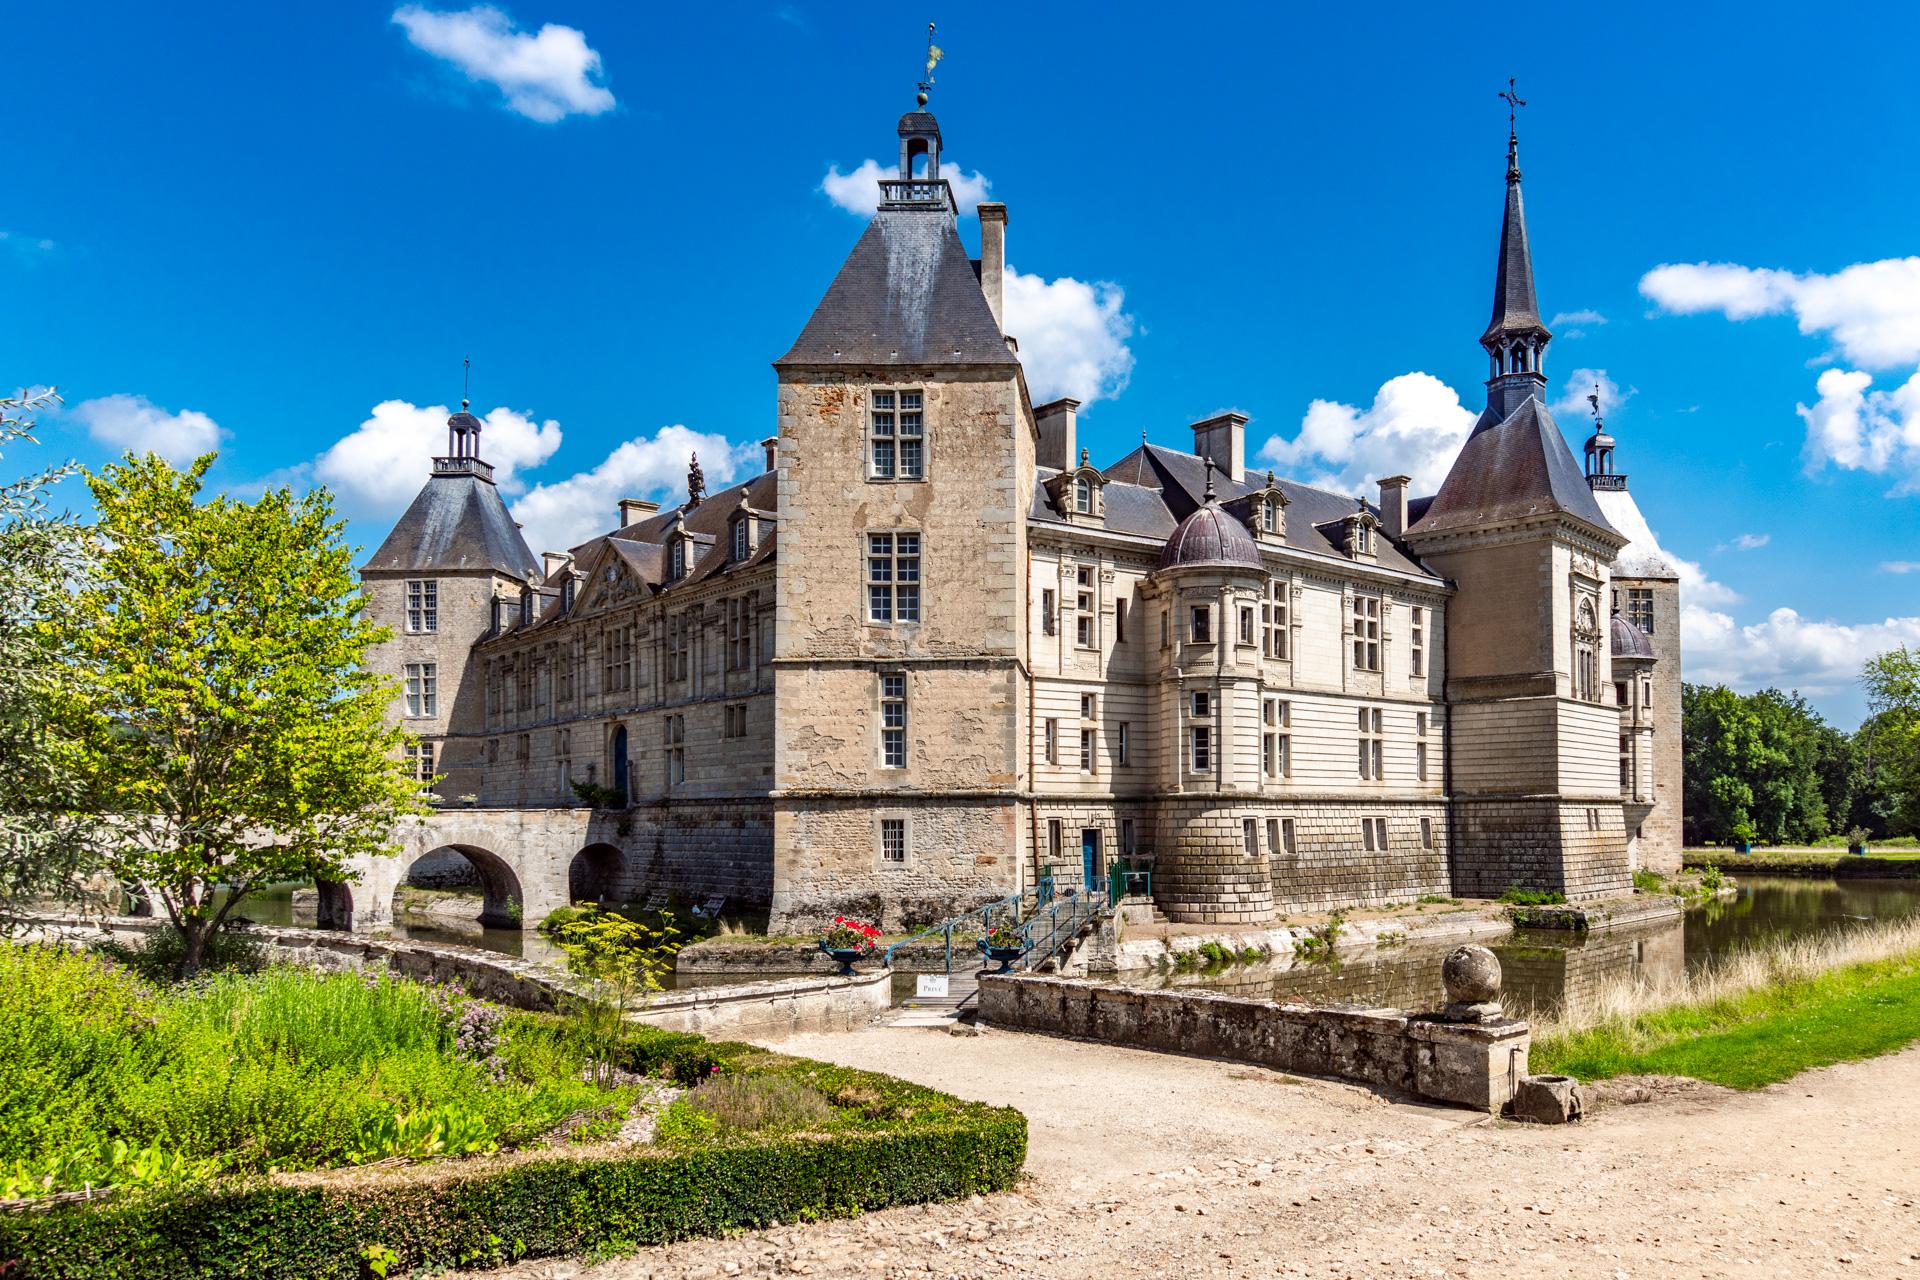 FRANCIA 2021 - Parte 03: Vigne & Castelli di Borgogna